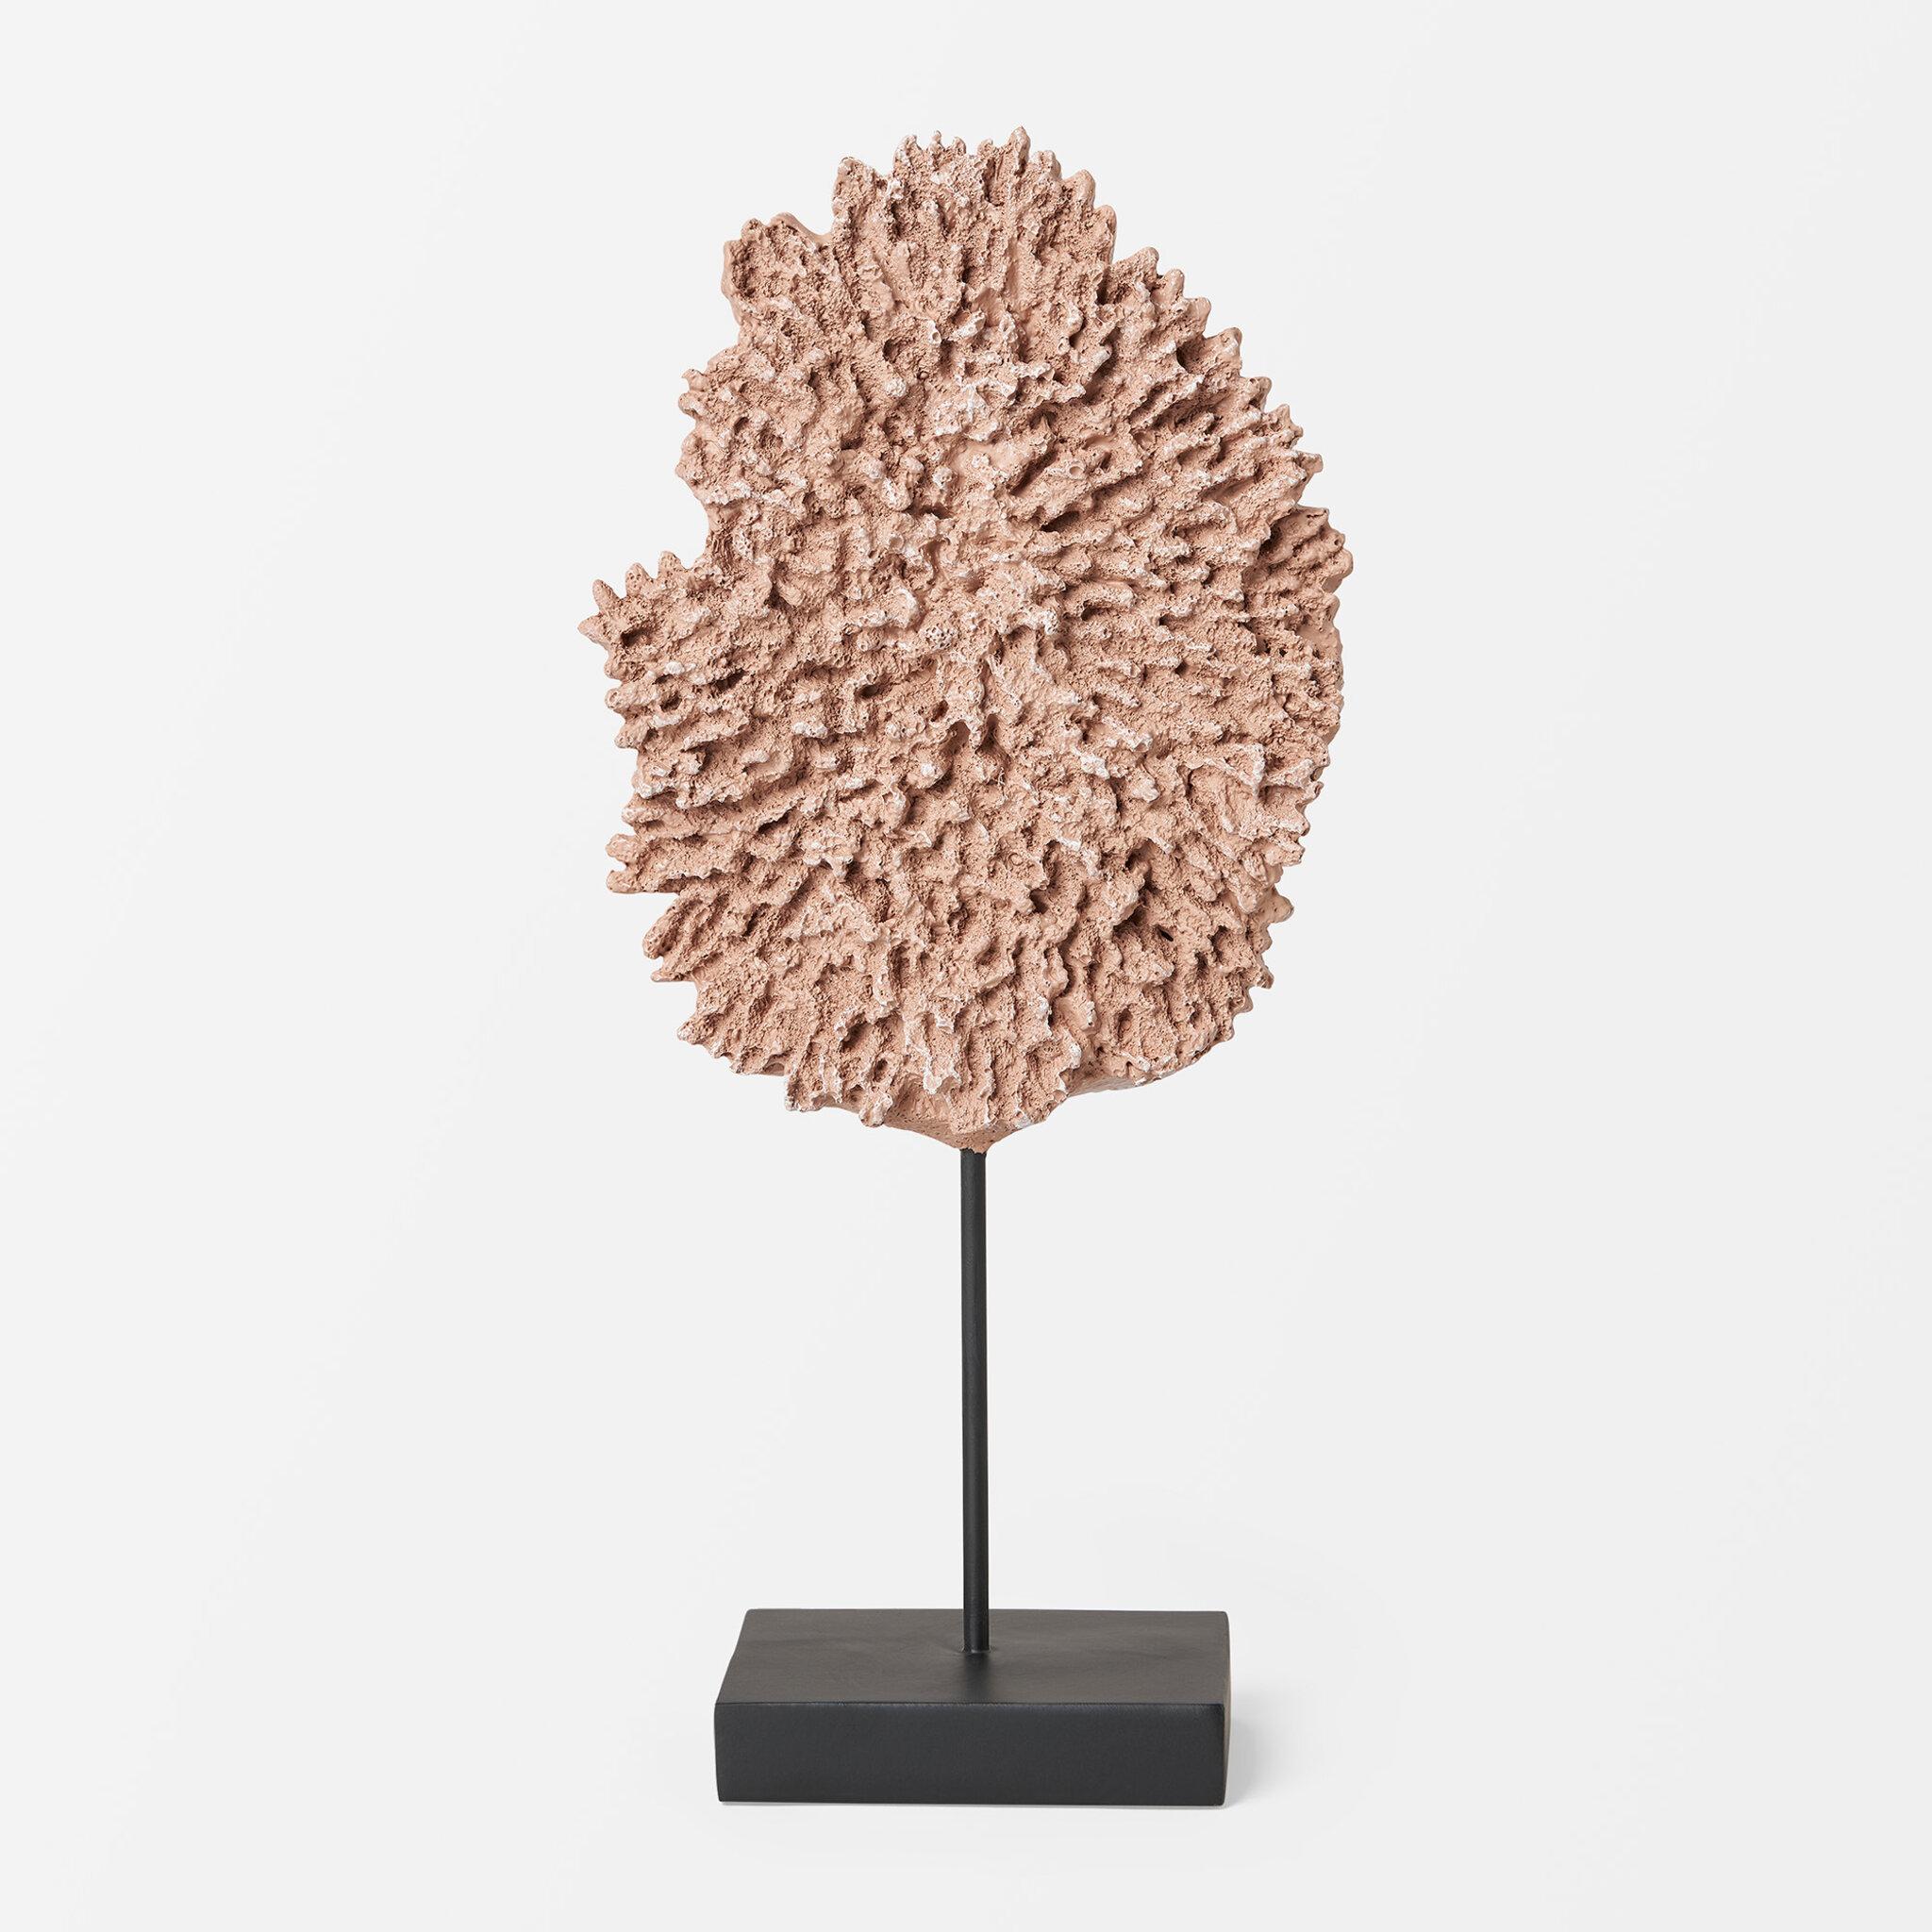 Dekoration CORAL, H37,5x18x8,5cm